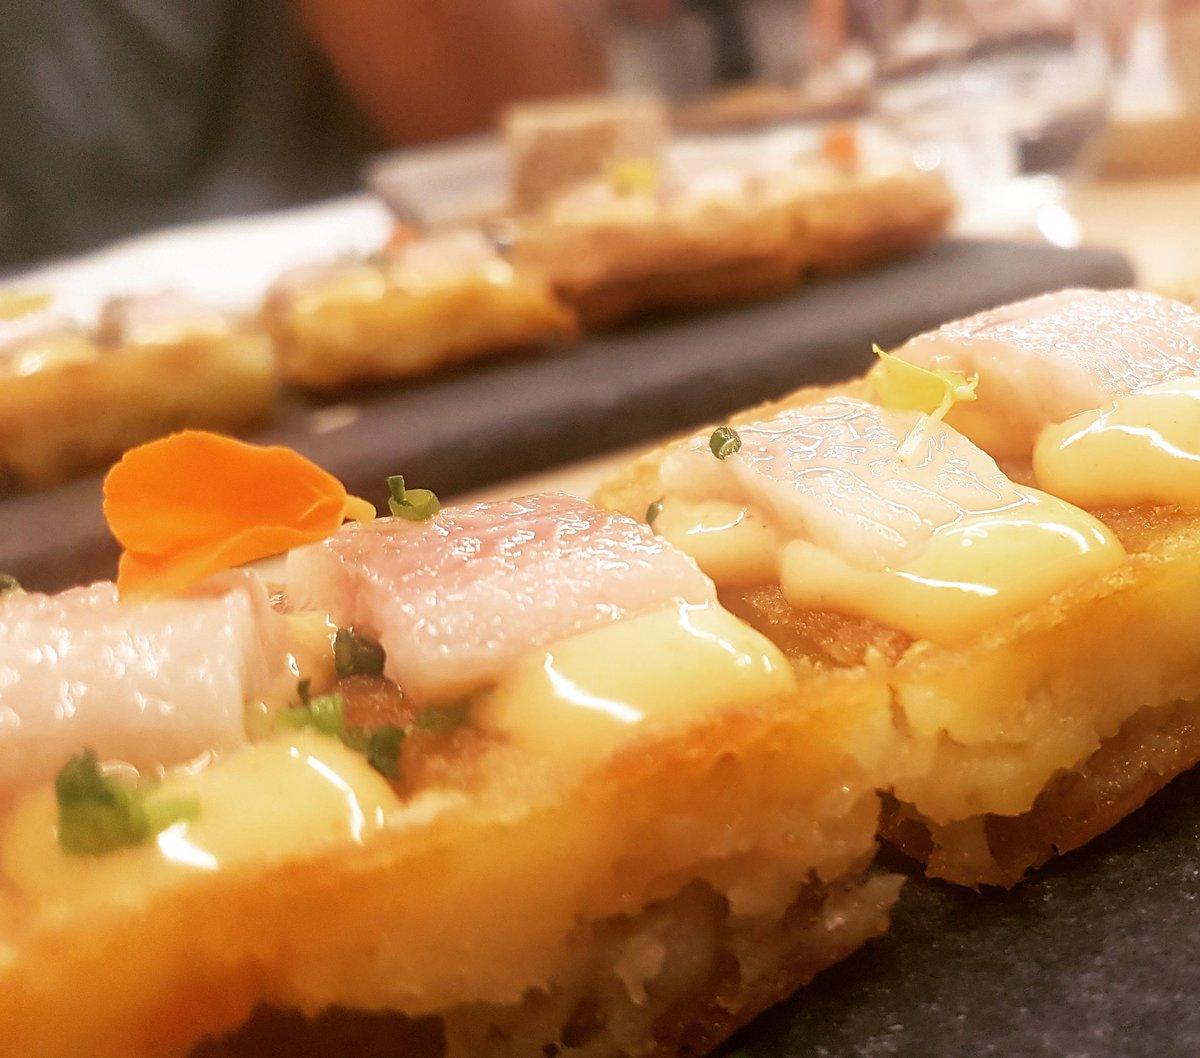 Un imprescindible, el gofre de patata, kimchie y anguila ahumada😋😋😋 . . . . . #tocadivertirse #vigosecome #dondecomer #comerenvigo #vigocity #riasbaixas #gastroigers #gastromia #gastrosensaciones #galicia #vigomola #galiciamola #restaurantes #foodies #foodplaces #foodlovers